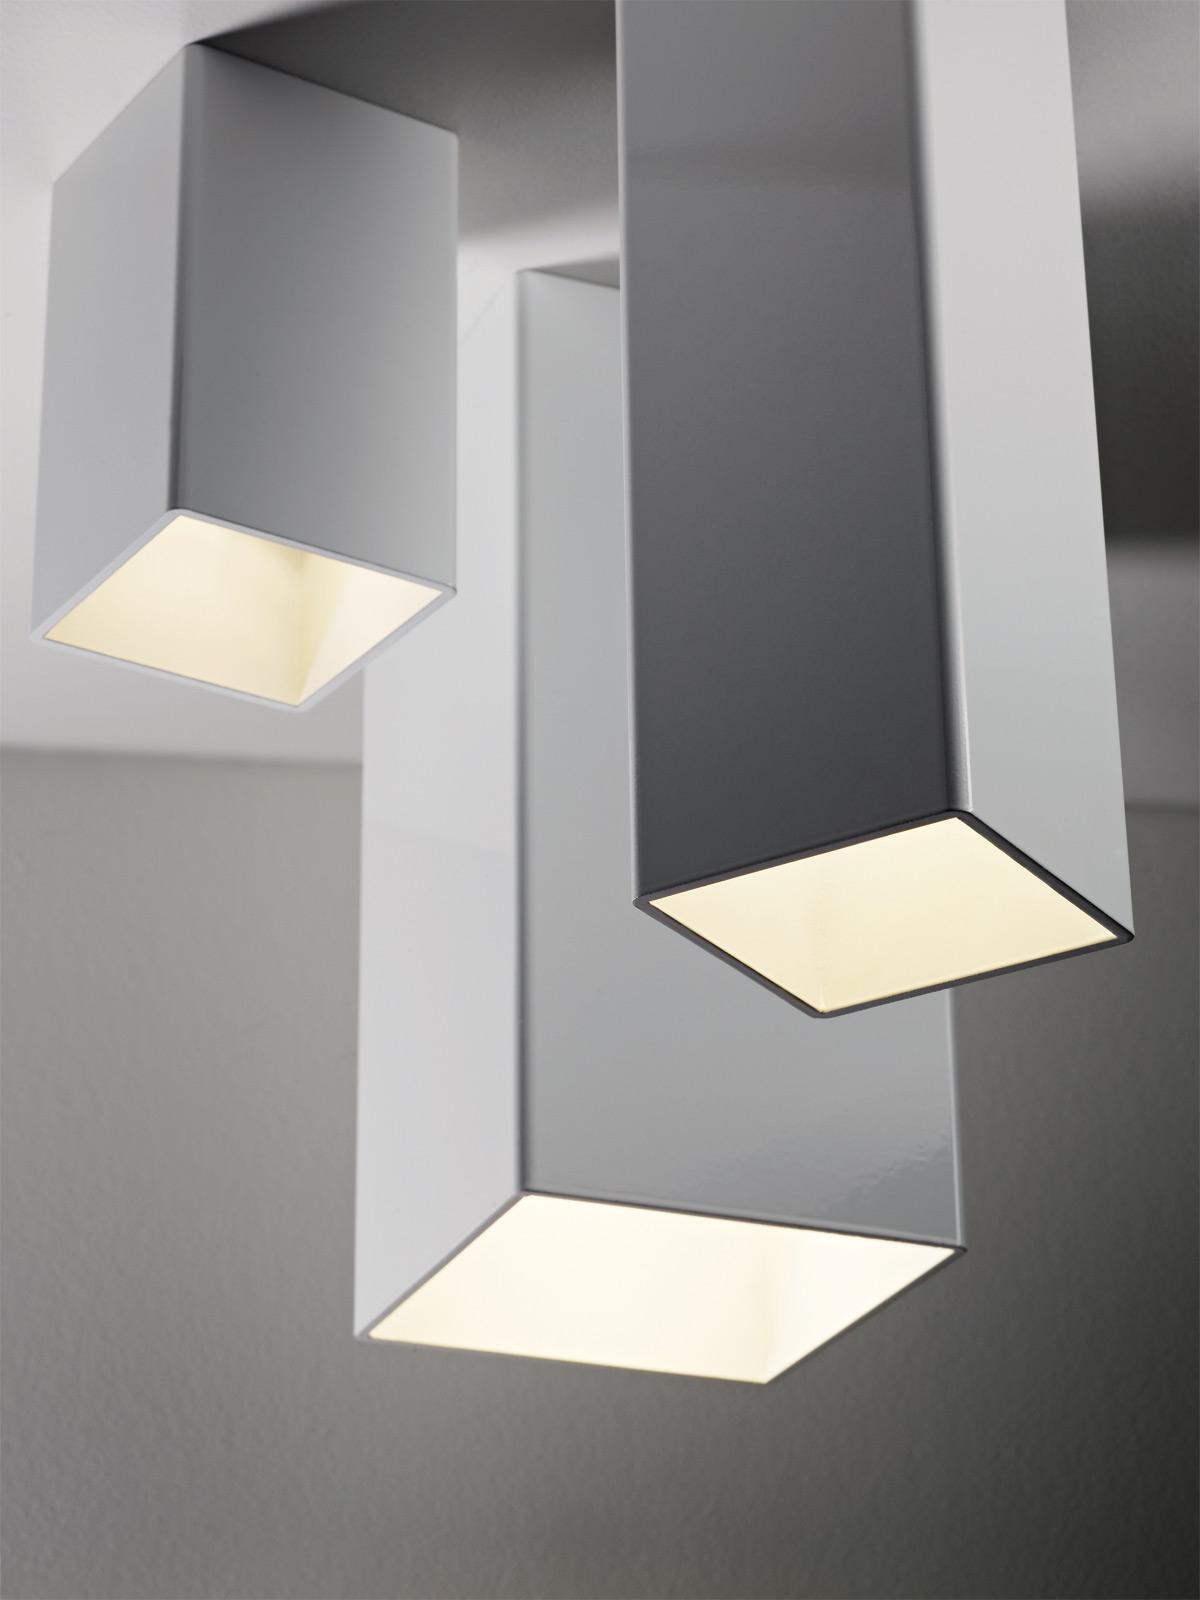 Slot lampa astra lampa